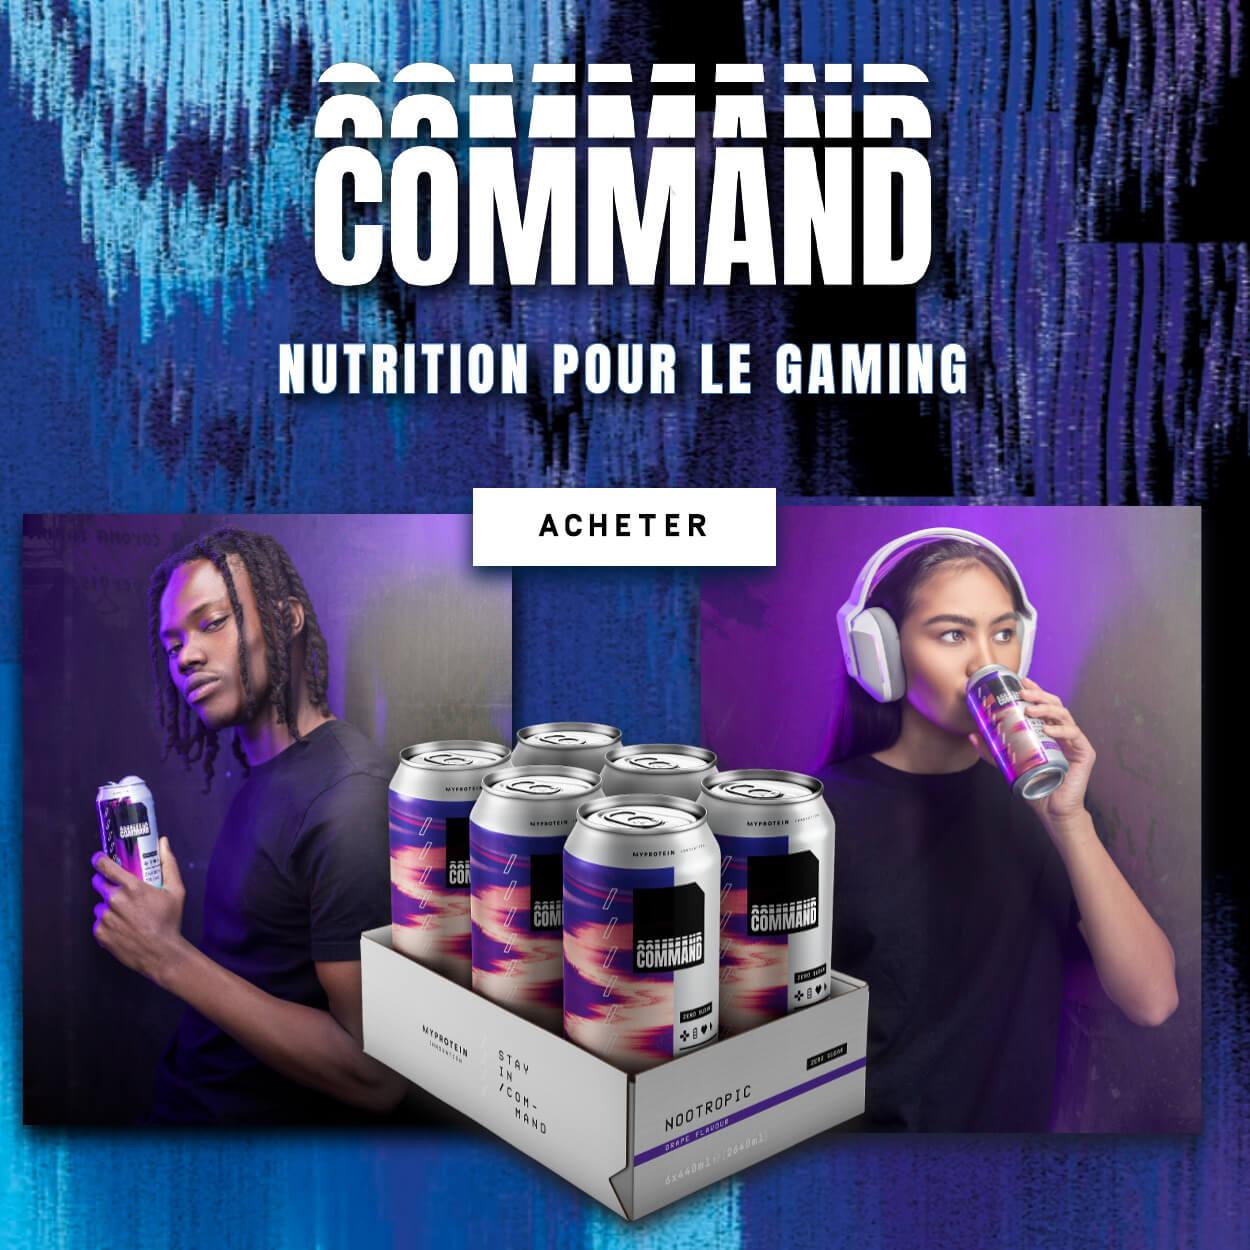 COMMAND. Nutrition pour le gaming. Acheter.